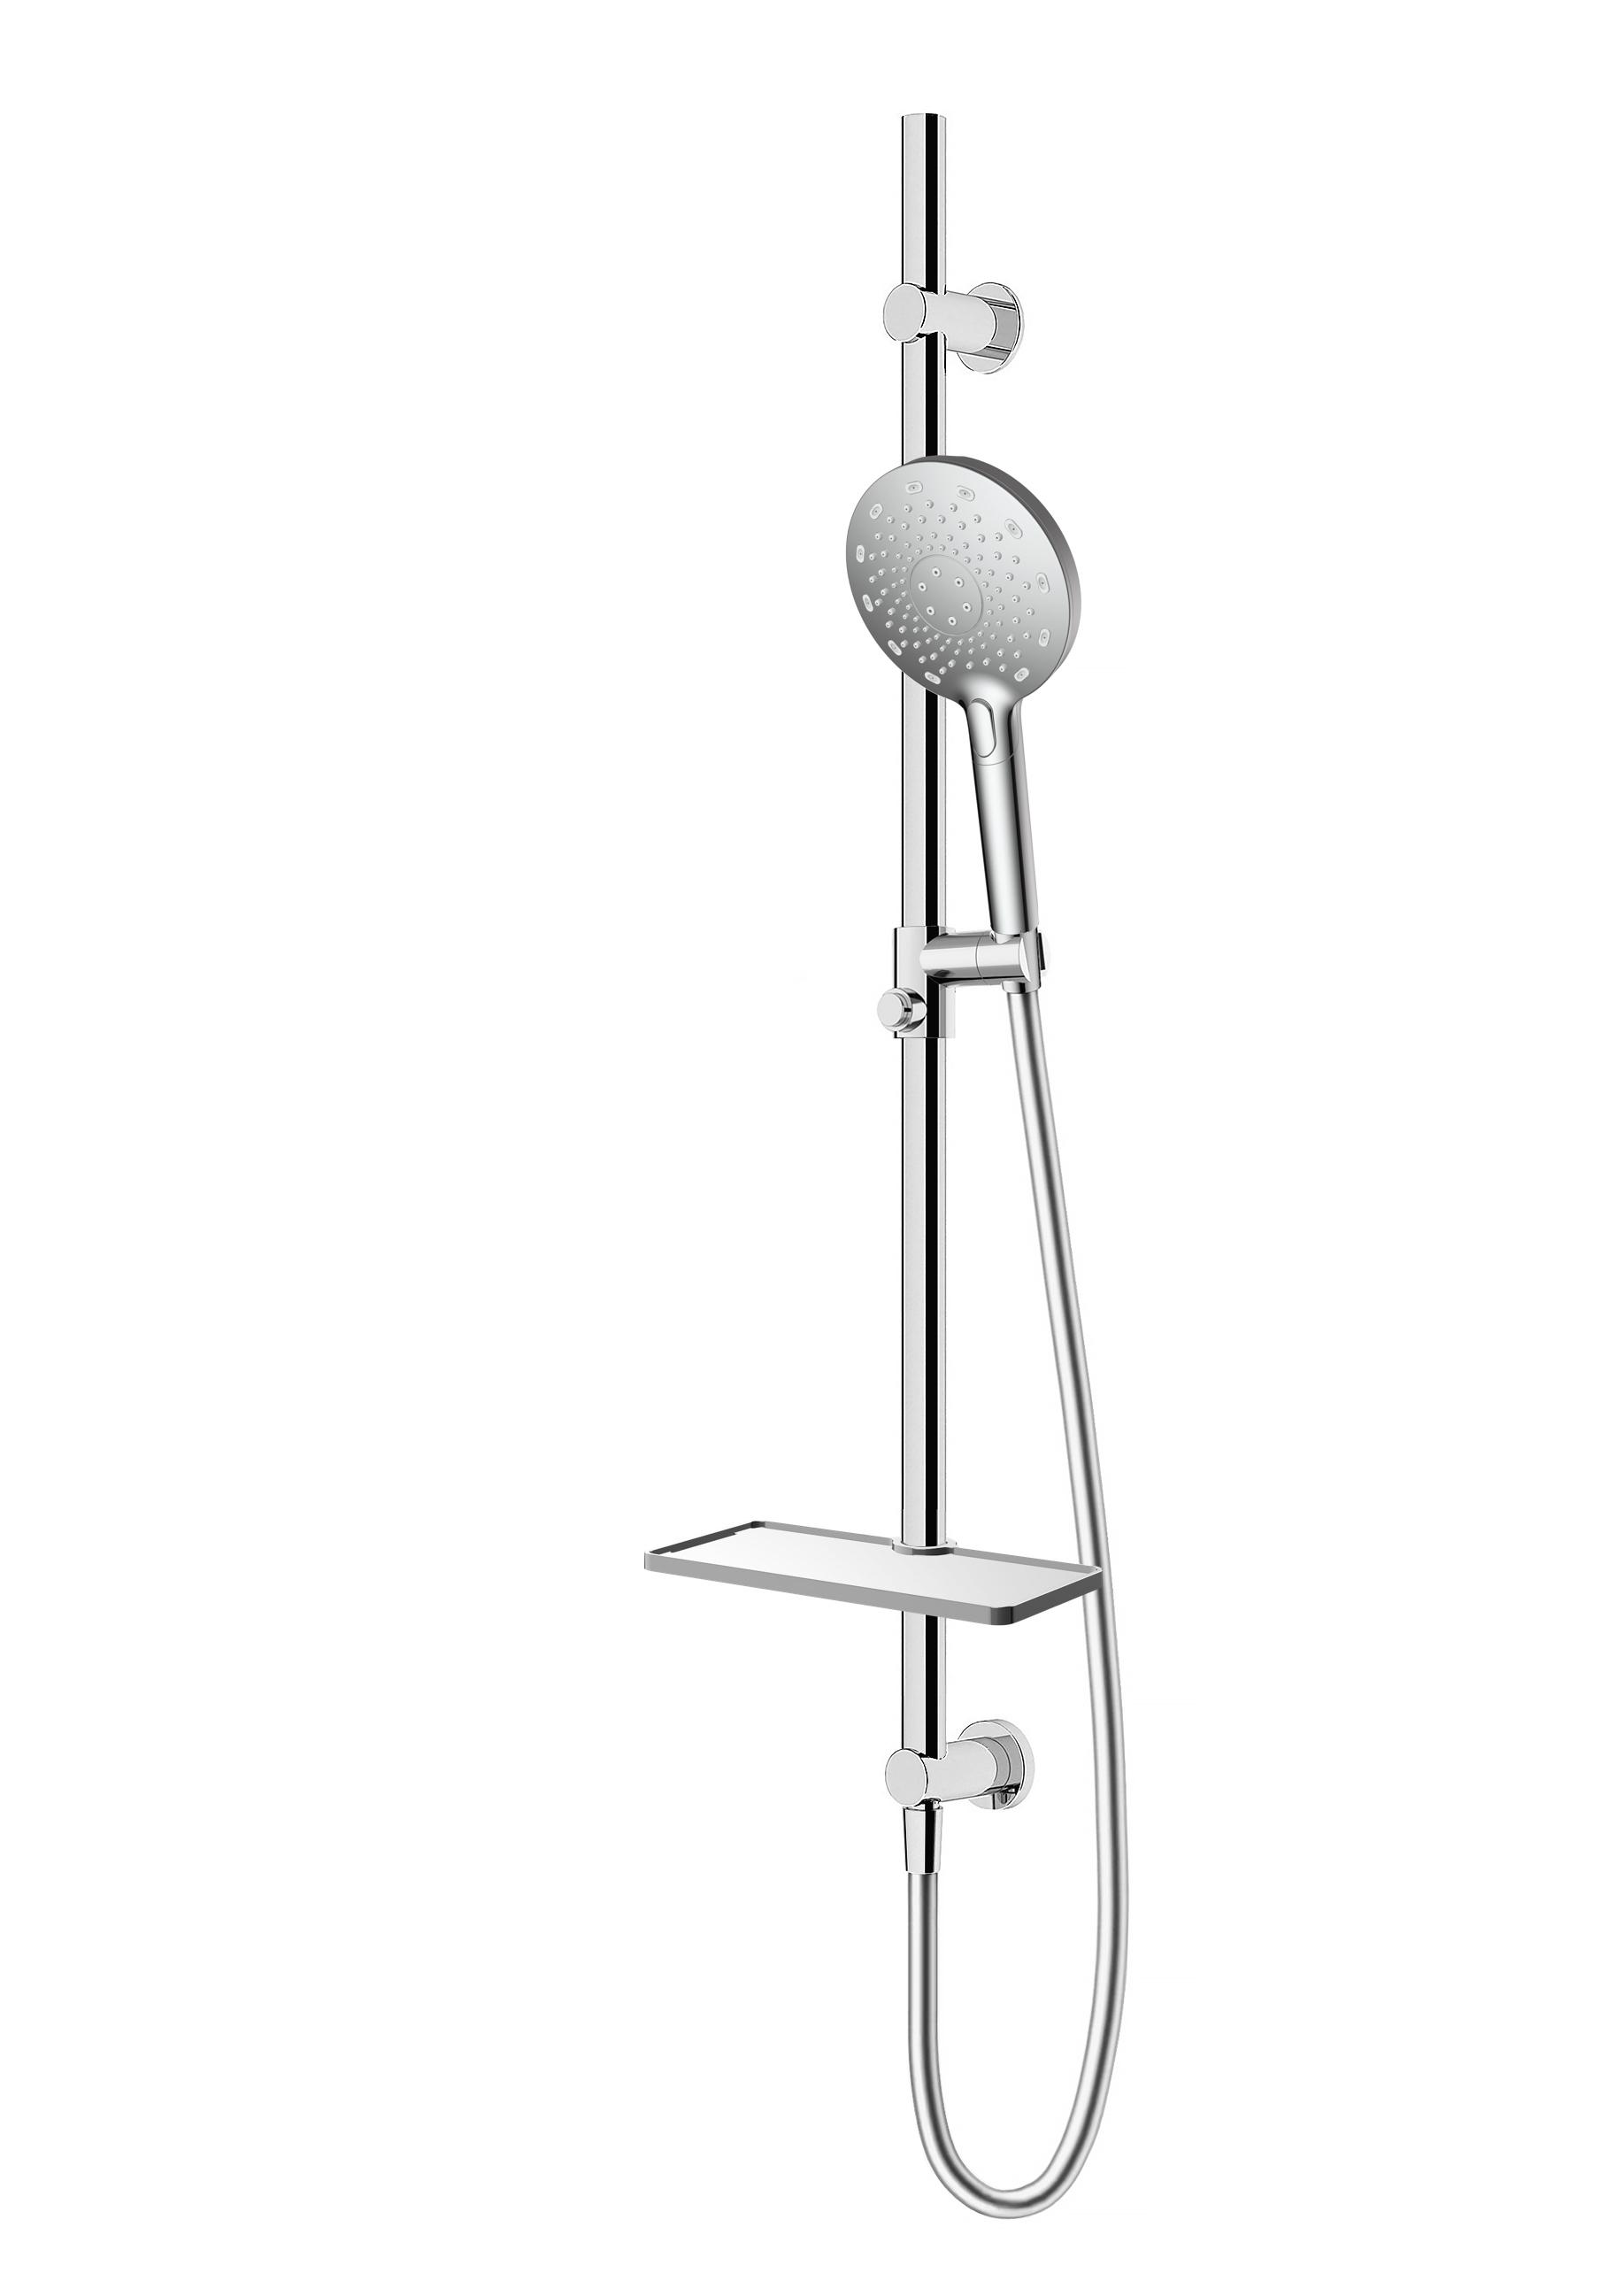 Immagine HD Doccia KYRT (presa acqua, curs. scorr., doccia 3 getti, flex silver e mensola)